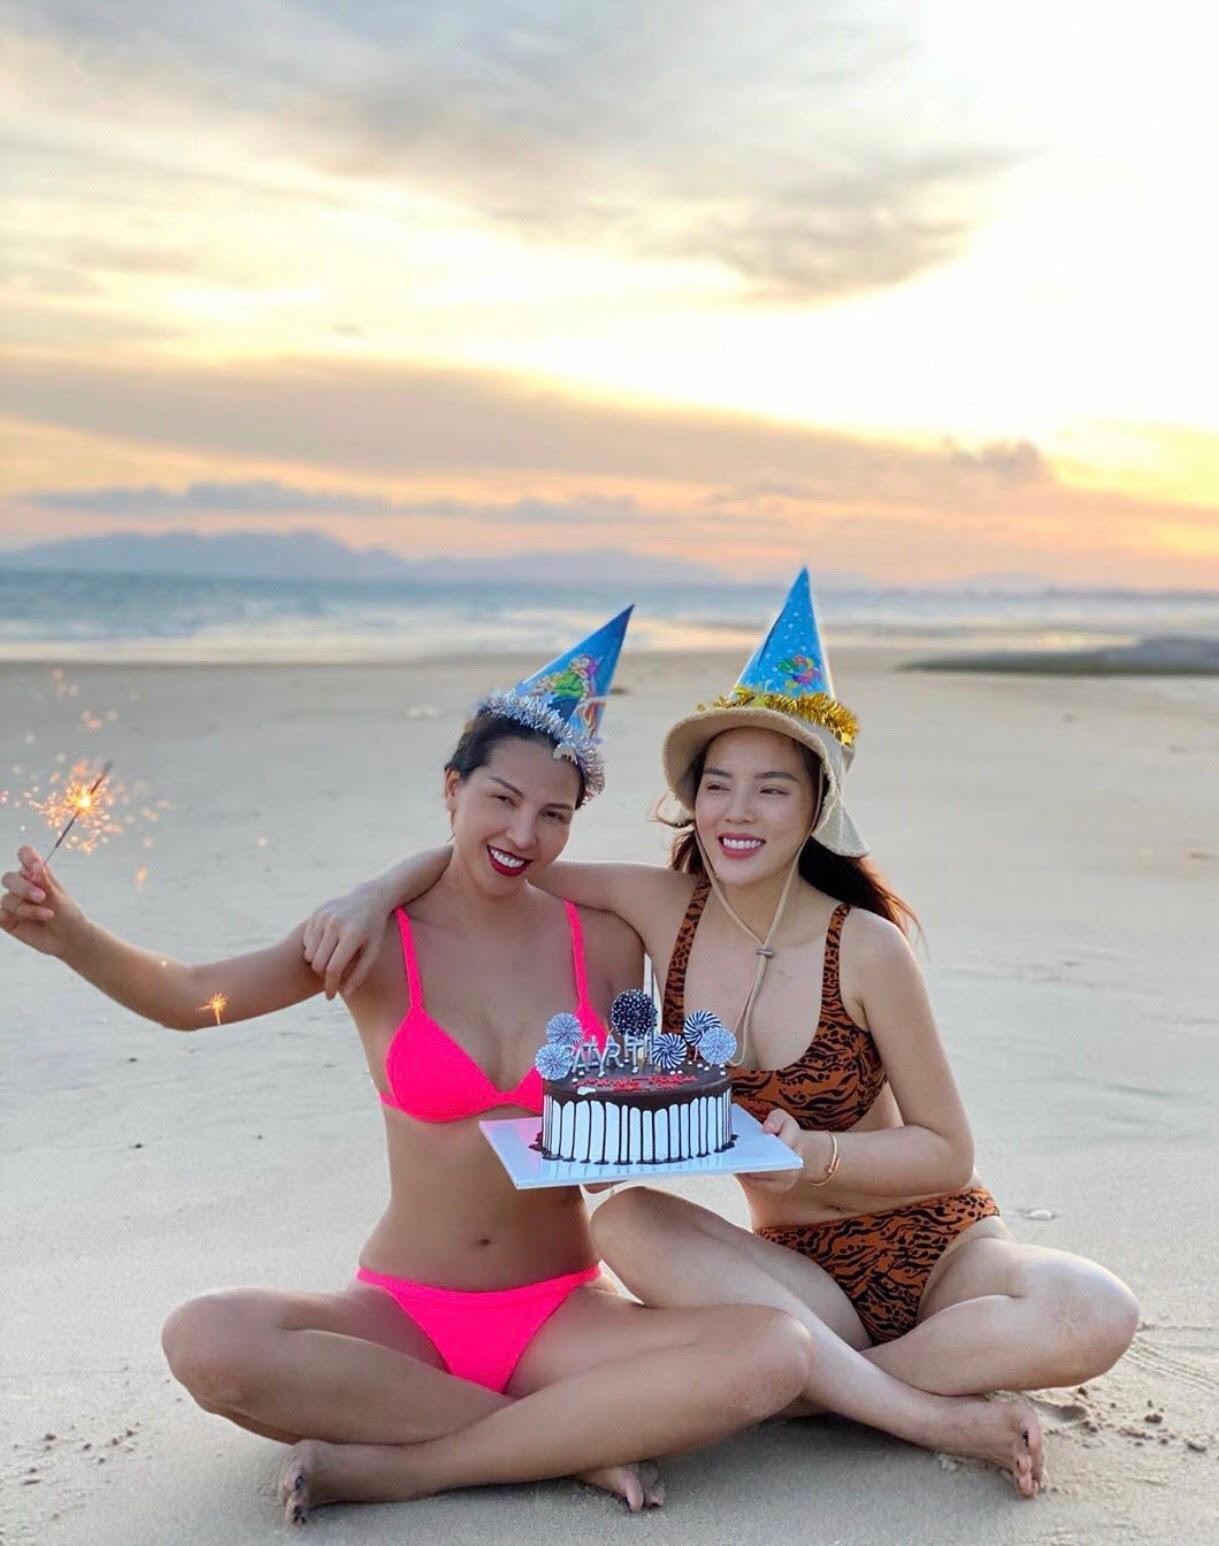 Kỳ Duyên cũng khoe hình ảnh tổ chức sinh nhật cho bạn thân - siêu mẫu Minh Triệu